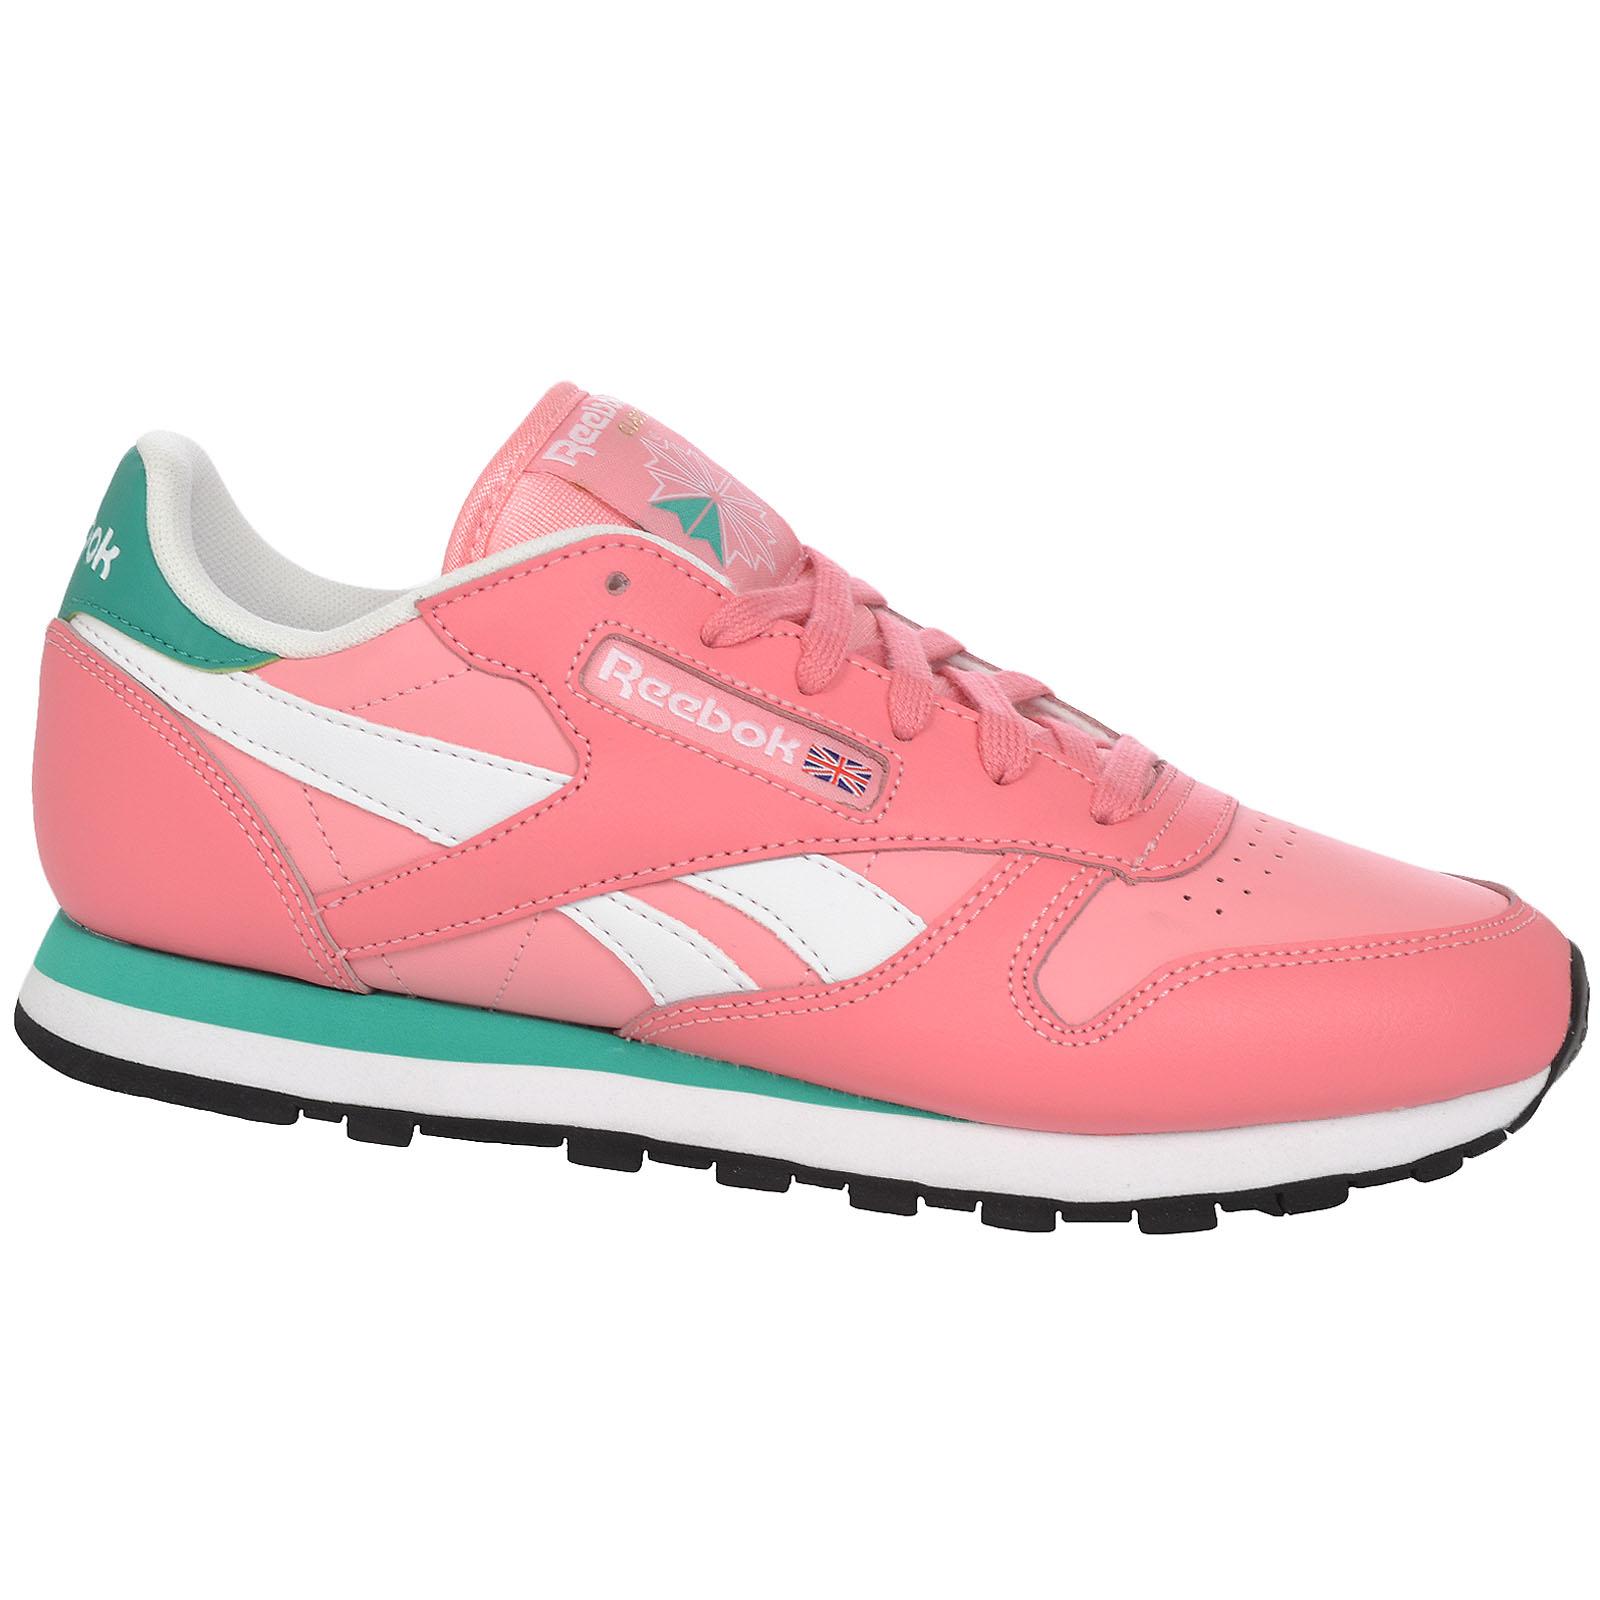 cheap for discount 8a412 ac815 ... Reebok Classic Mujer Cuero temporada 2 Moda Informal Correr Zapatillas  Zapatos ...